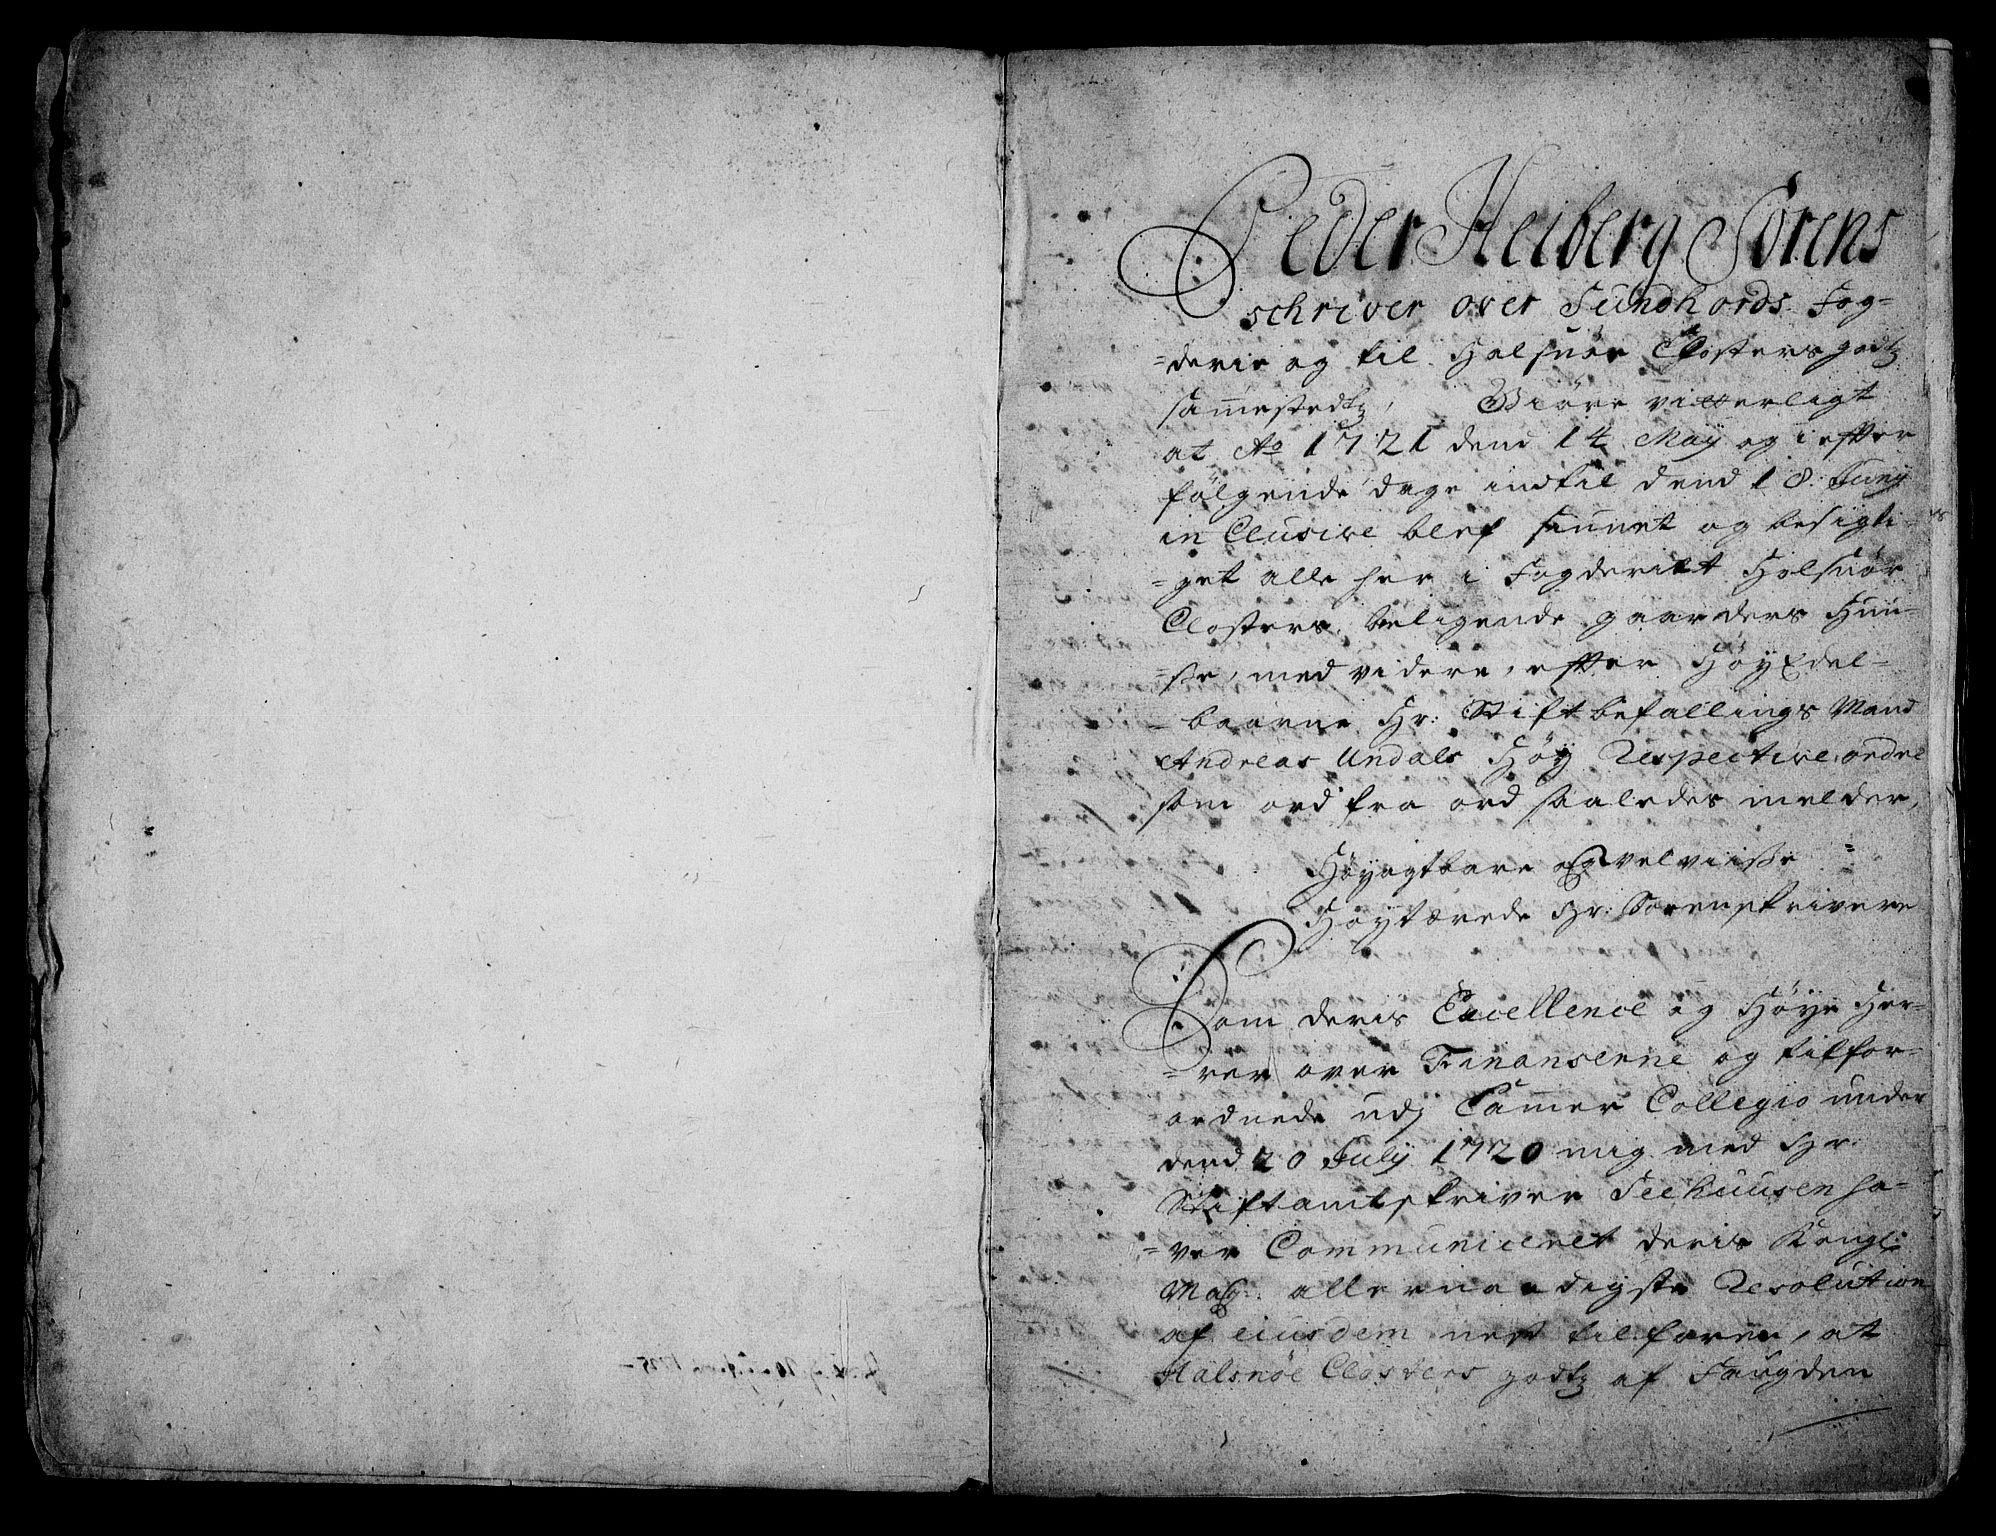 RA, Rentekammeret inntil 1814, Realistisk ordnet avdeling, On/L0003: [Jj 4]: Kommisjonsforretning over Vilhelm Hanssøns forpaktning av Halsnøy klosters gods, 1721-1729, s. 2